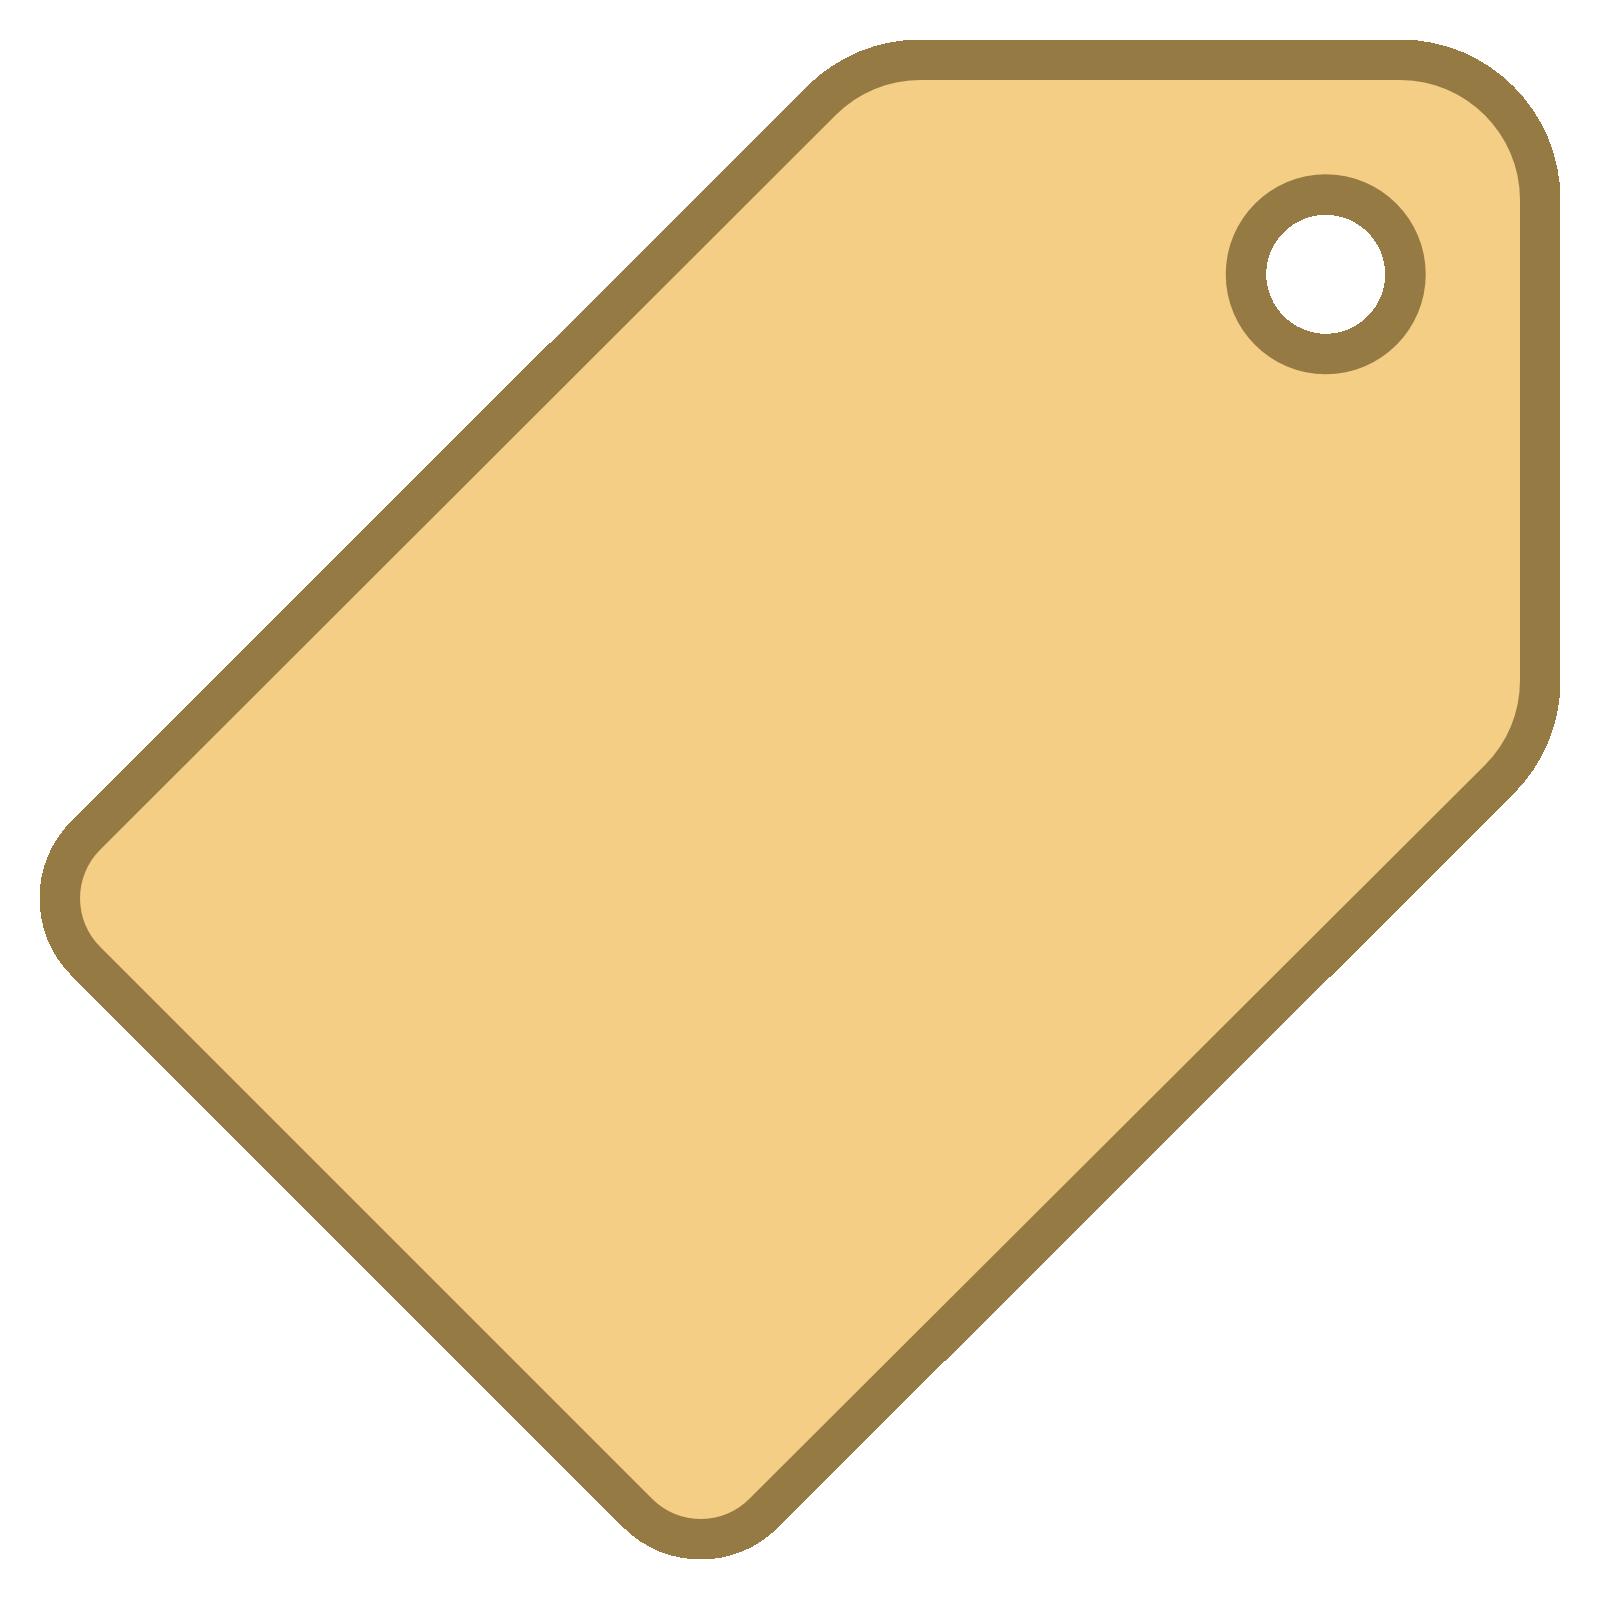 Tag PNG - 25035